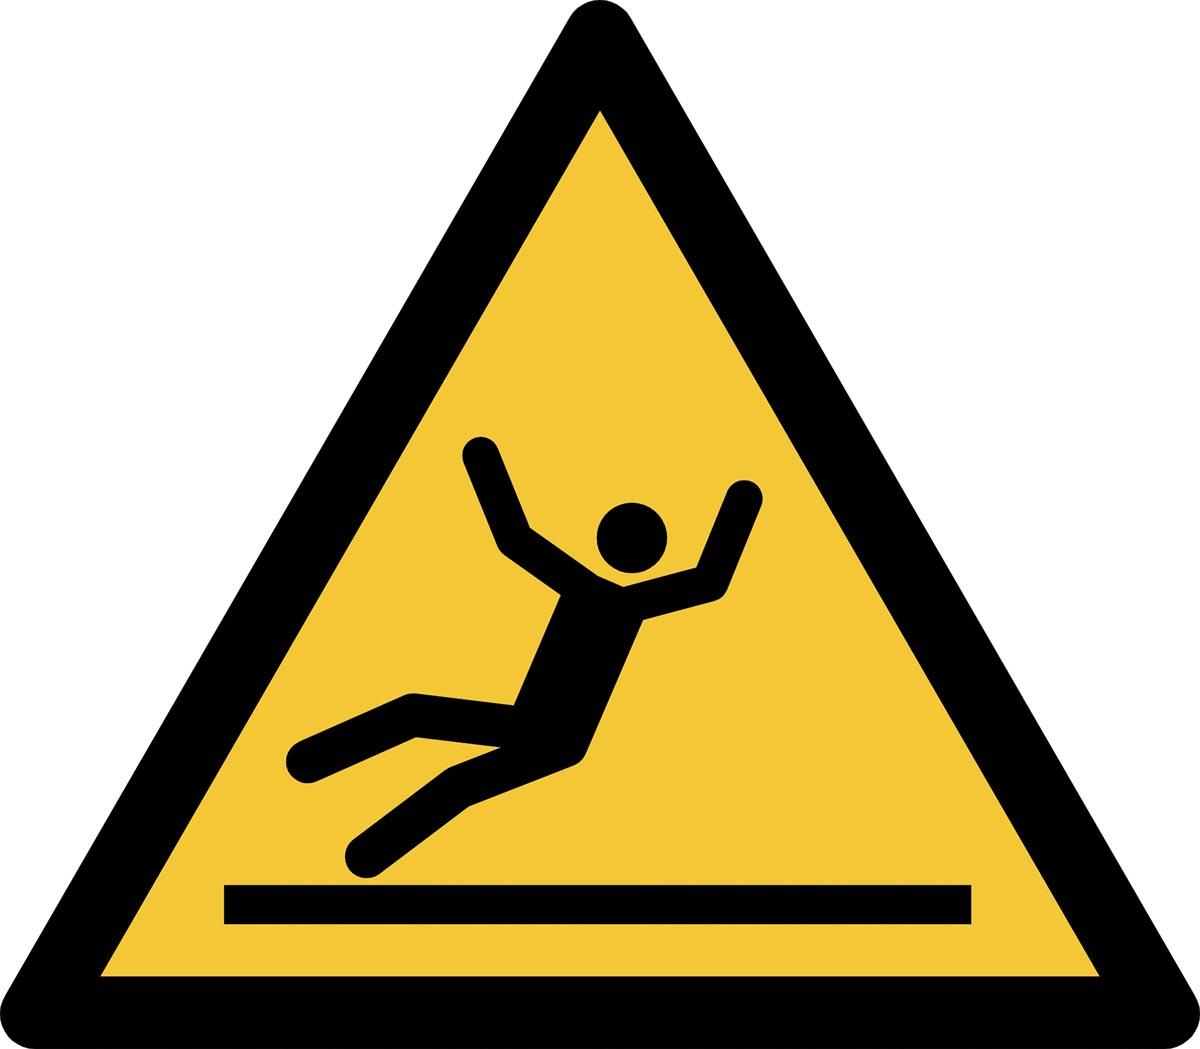 Tarifold waarschuwingsbord uit PP, gevaar voor glad oppervlak, ft 20 x 17,6 cm